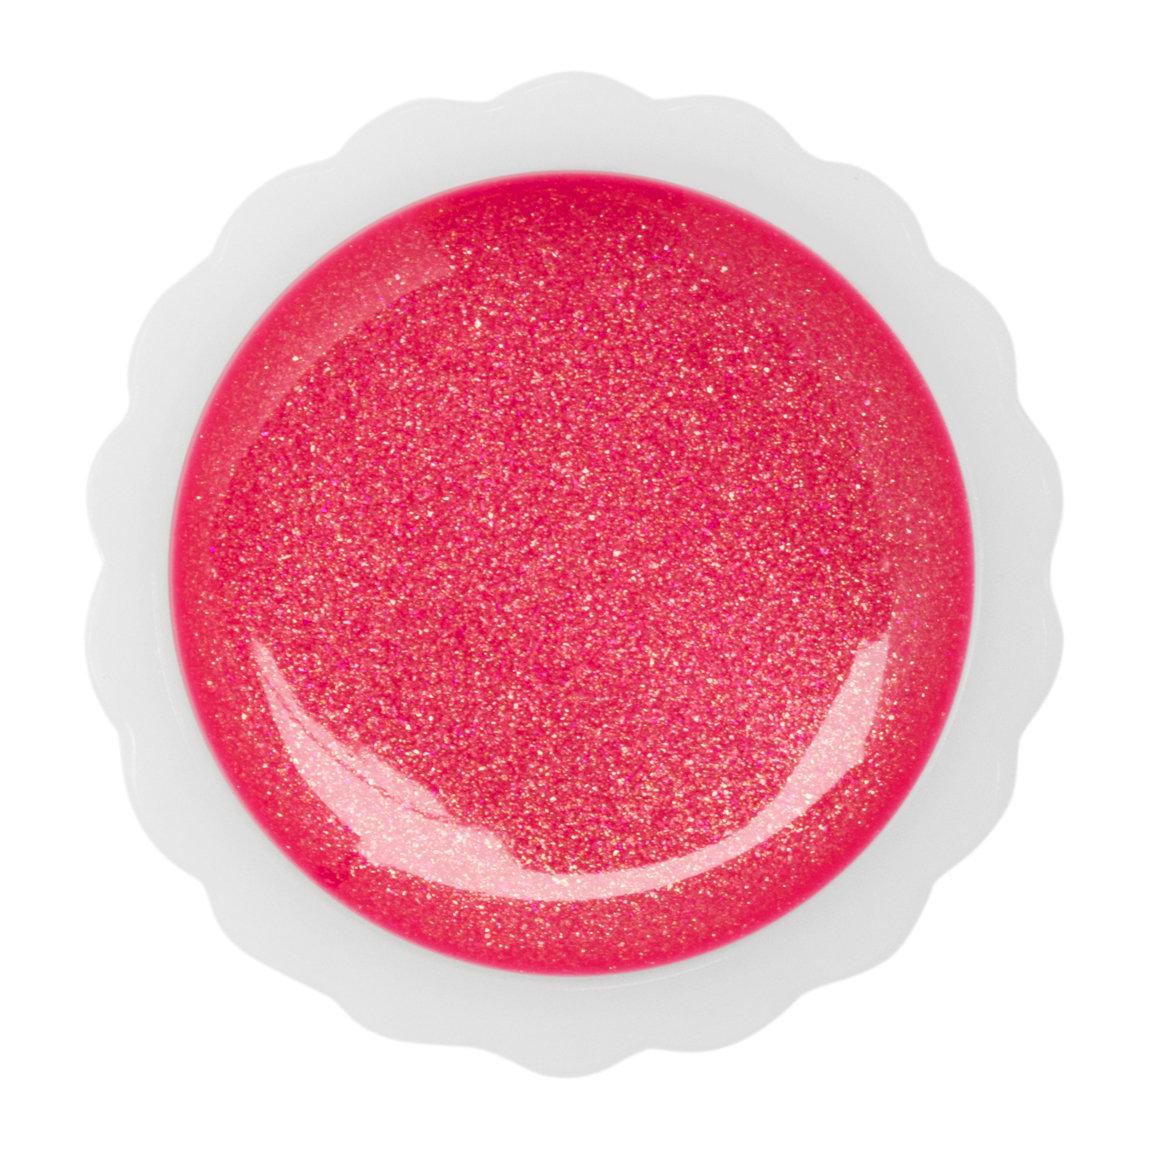 Anna Sui Lip Color X 03 alternative view 1.